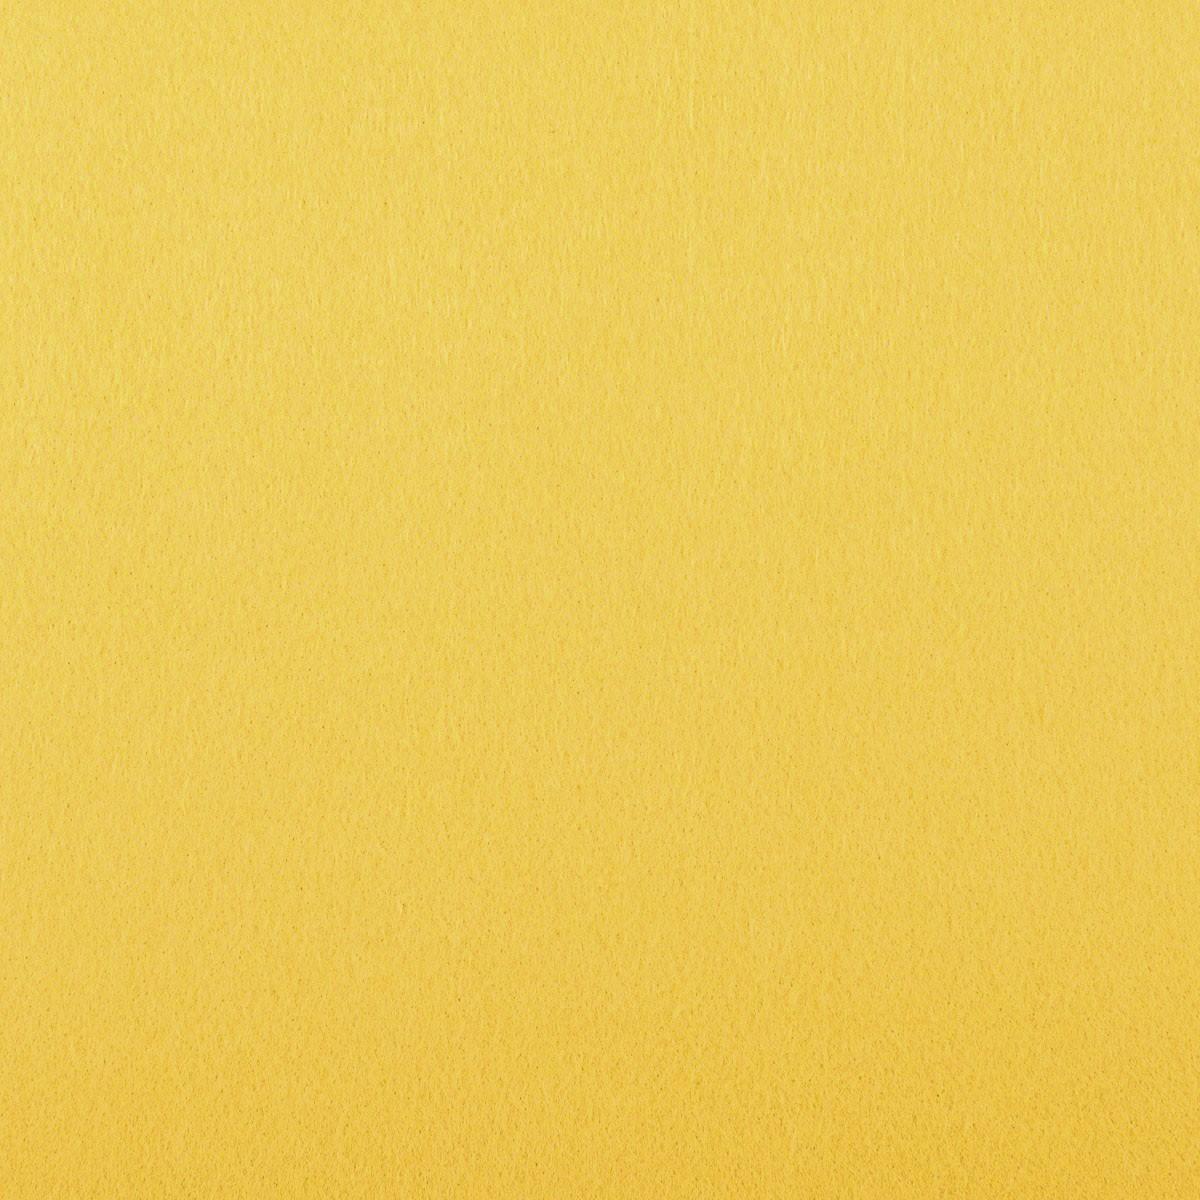 Feutrine jaune citron 91cm